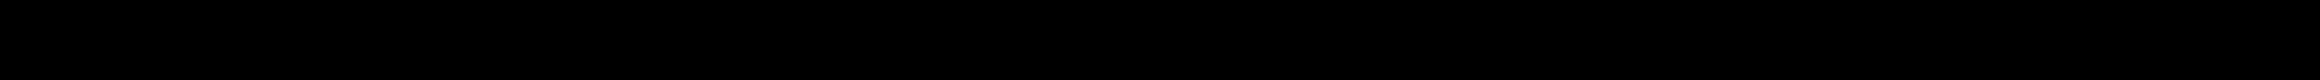 VALEO 6441-L2, 27761-AX010, 6441-L2, 7701048390, 7701207718 Elemento de control, aire acondicionado